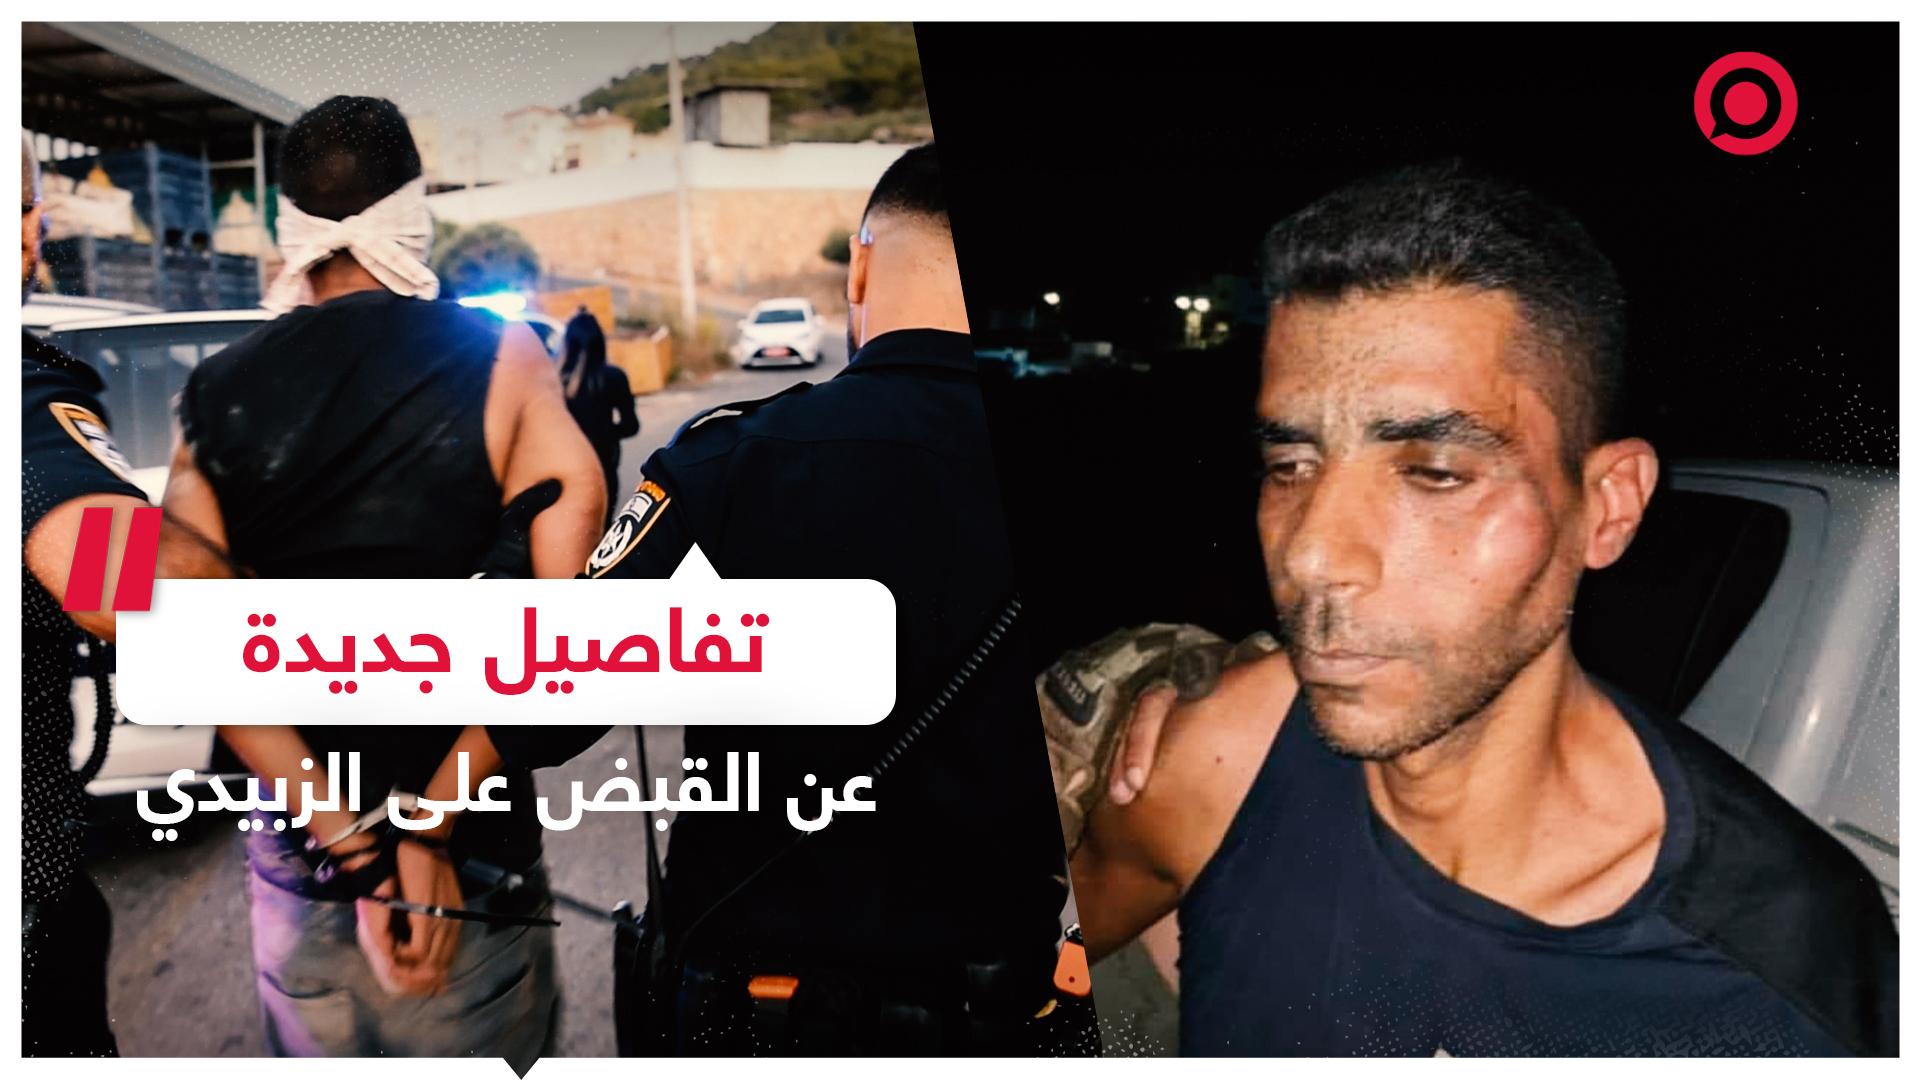 تفاصيل جديدة عن إعادة اعتقال الزبيدي وصورة متداولة توحي تعرضه لضرب مبرح